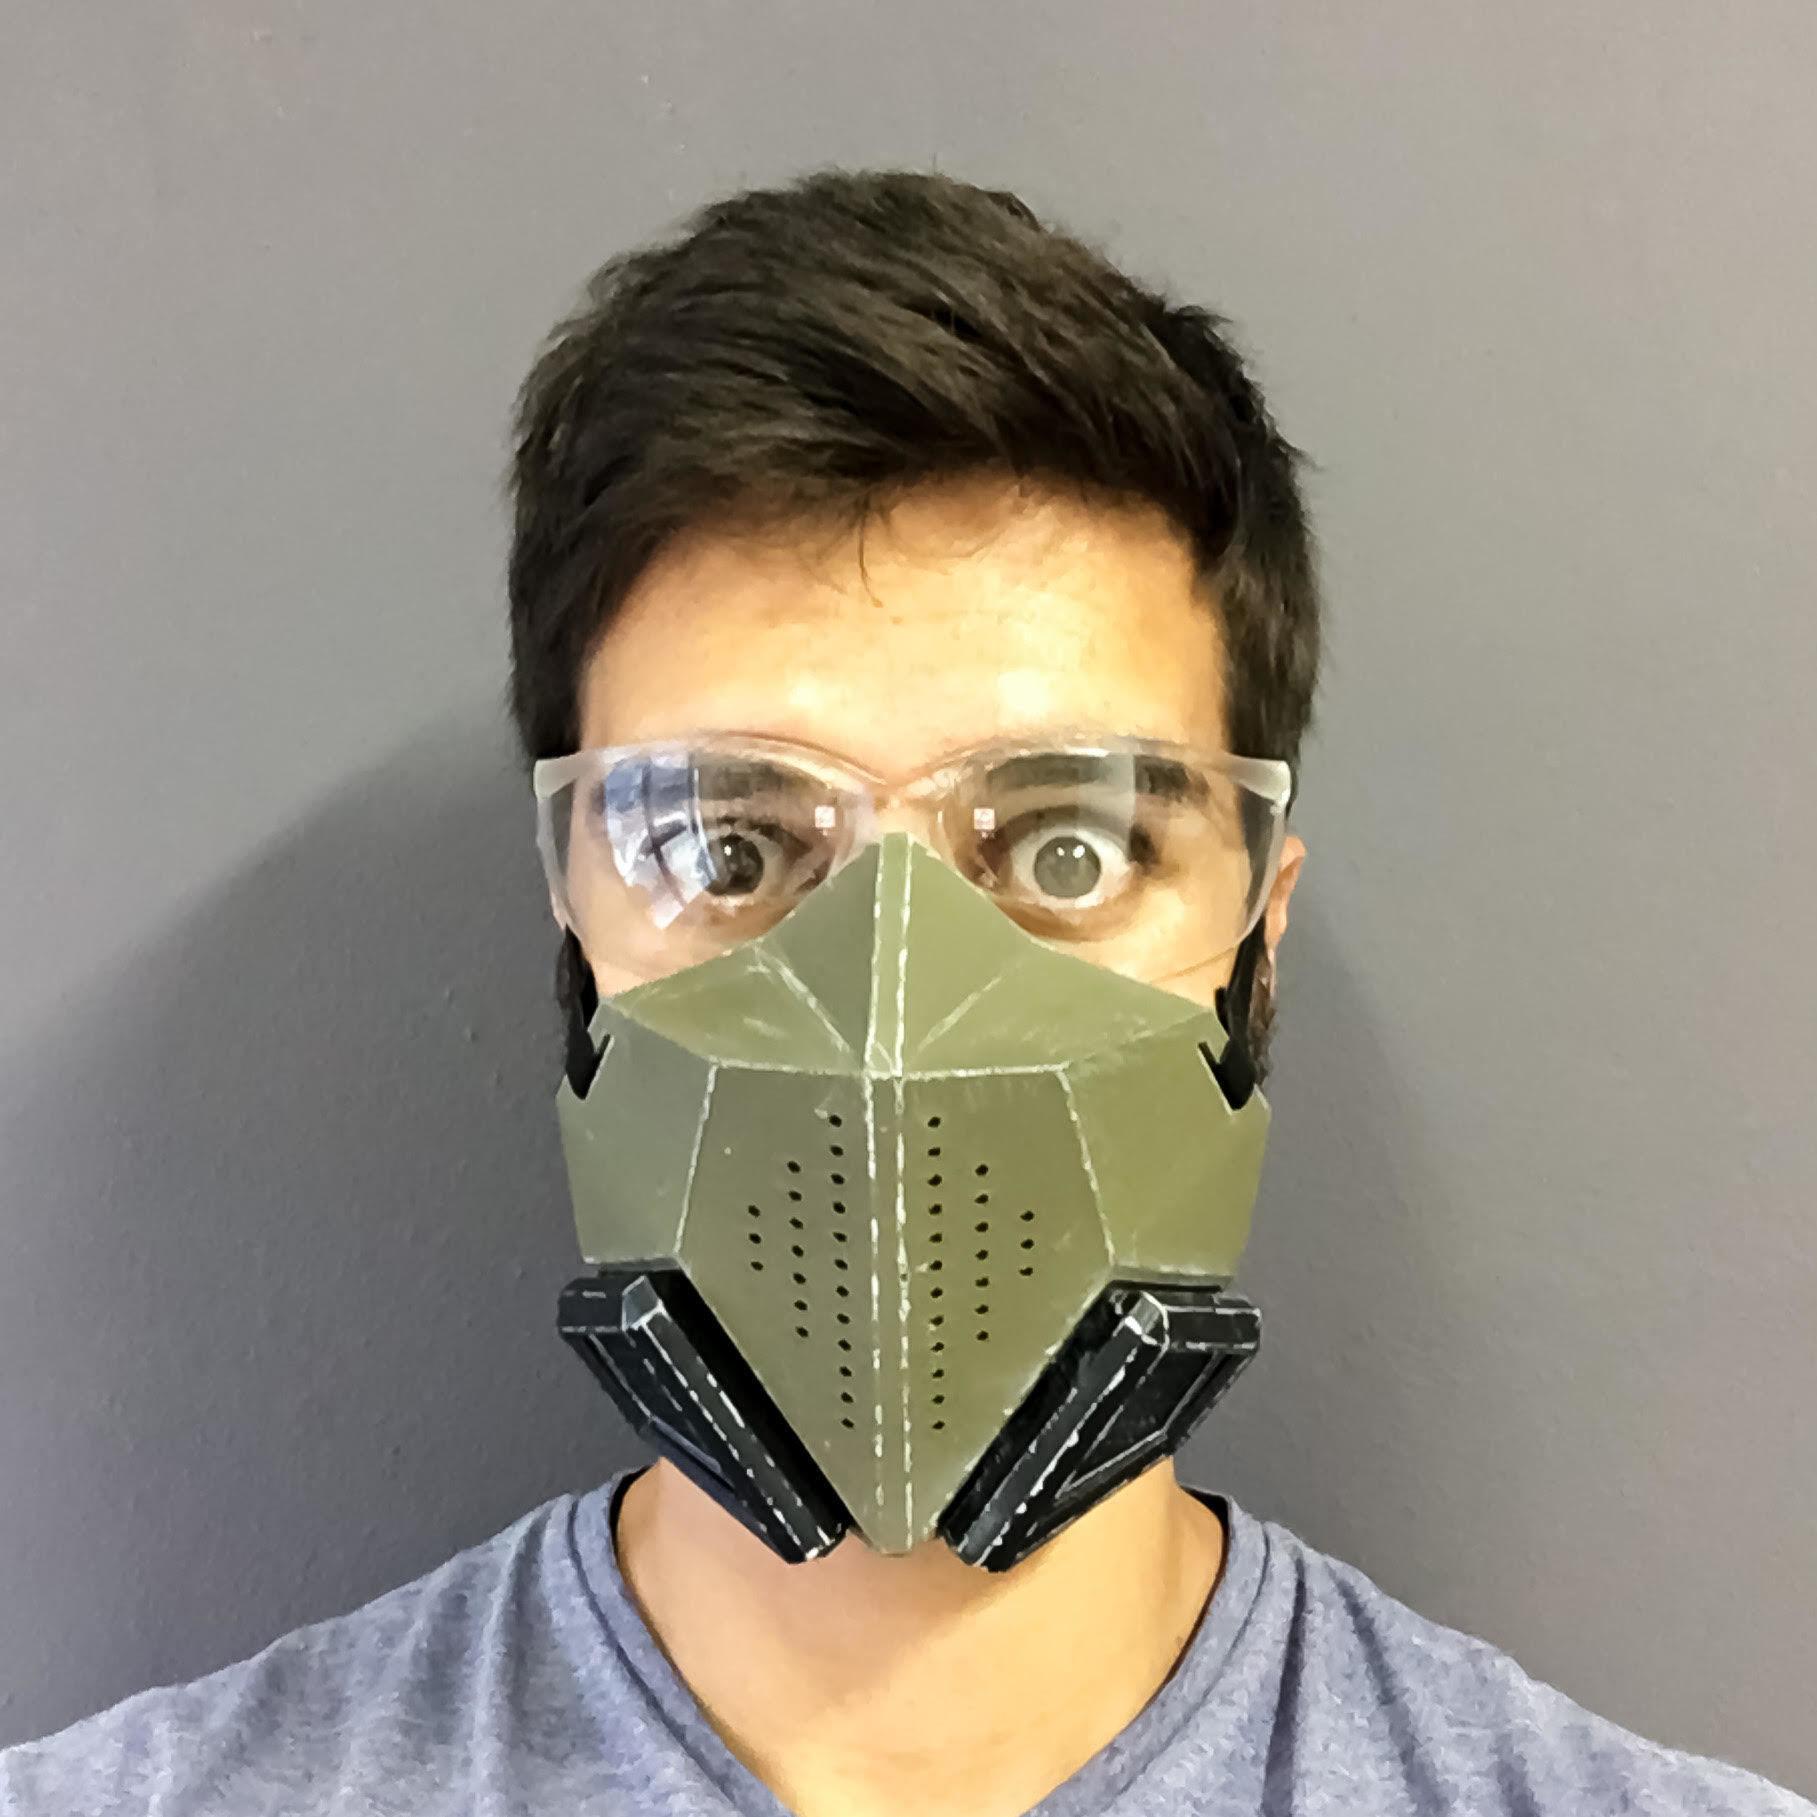 3d Printed Helmet Airsoft